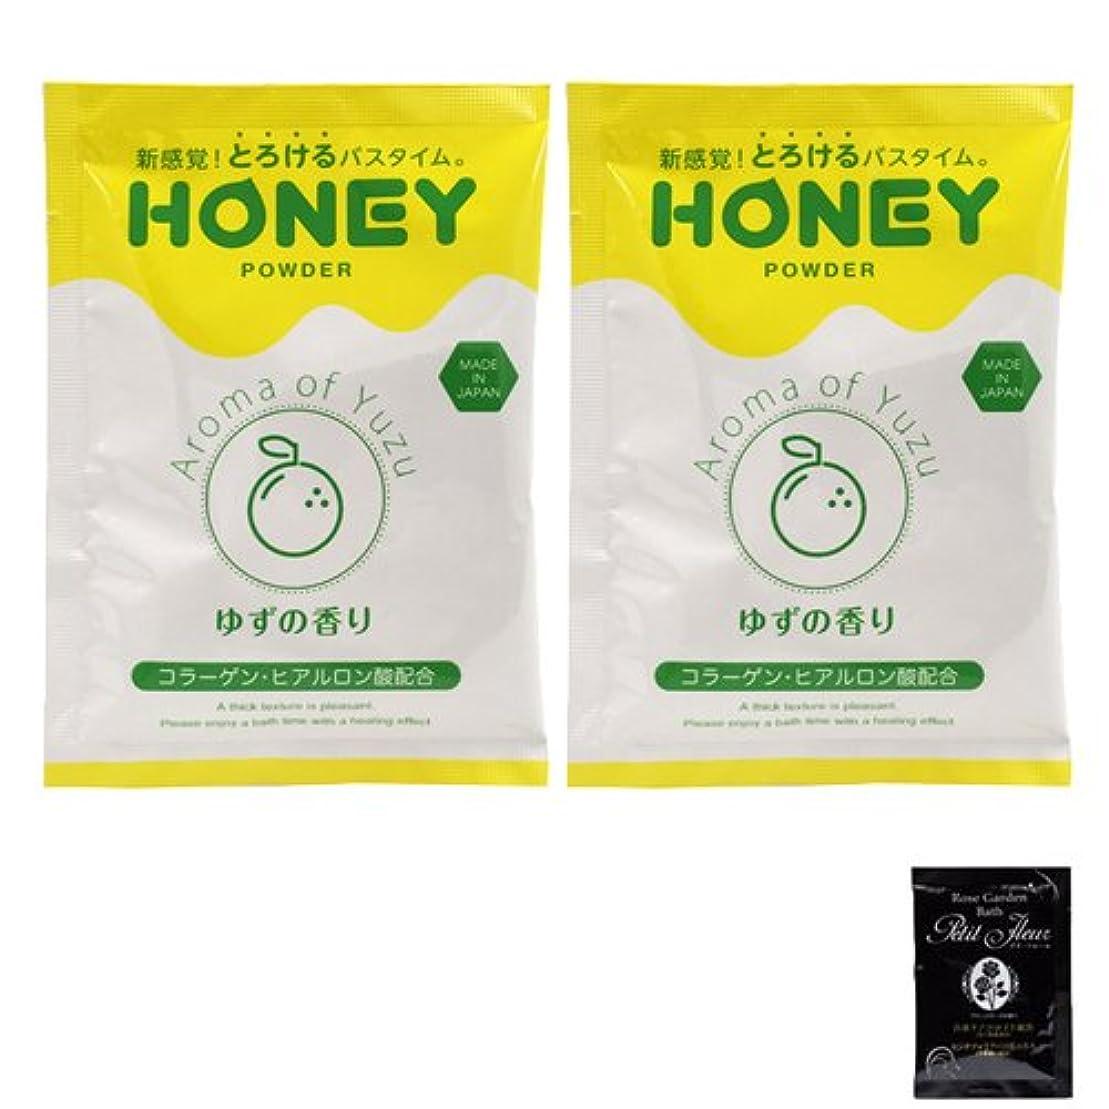 危機徒歩で航空会社【honey powder】(ハニーパウダー) ゆずの香り 粉末タイプ×2個 + 入浴剤プチフルール1回分セット